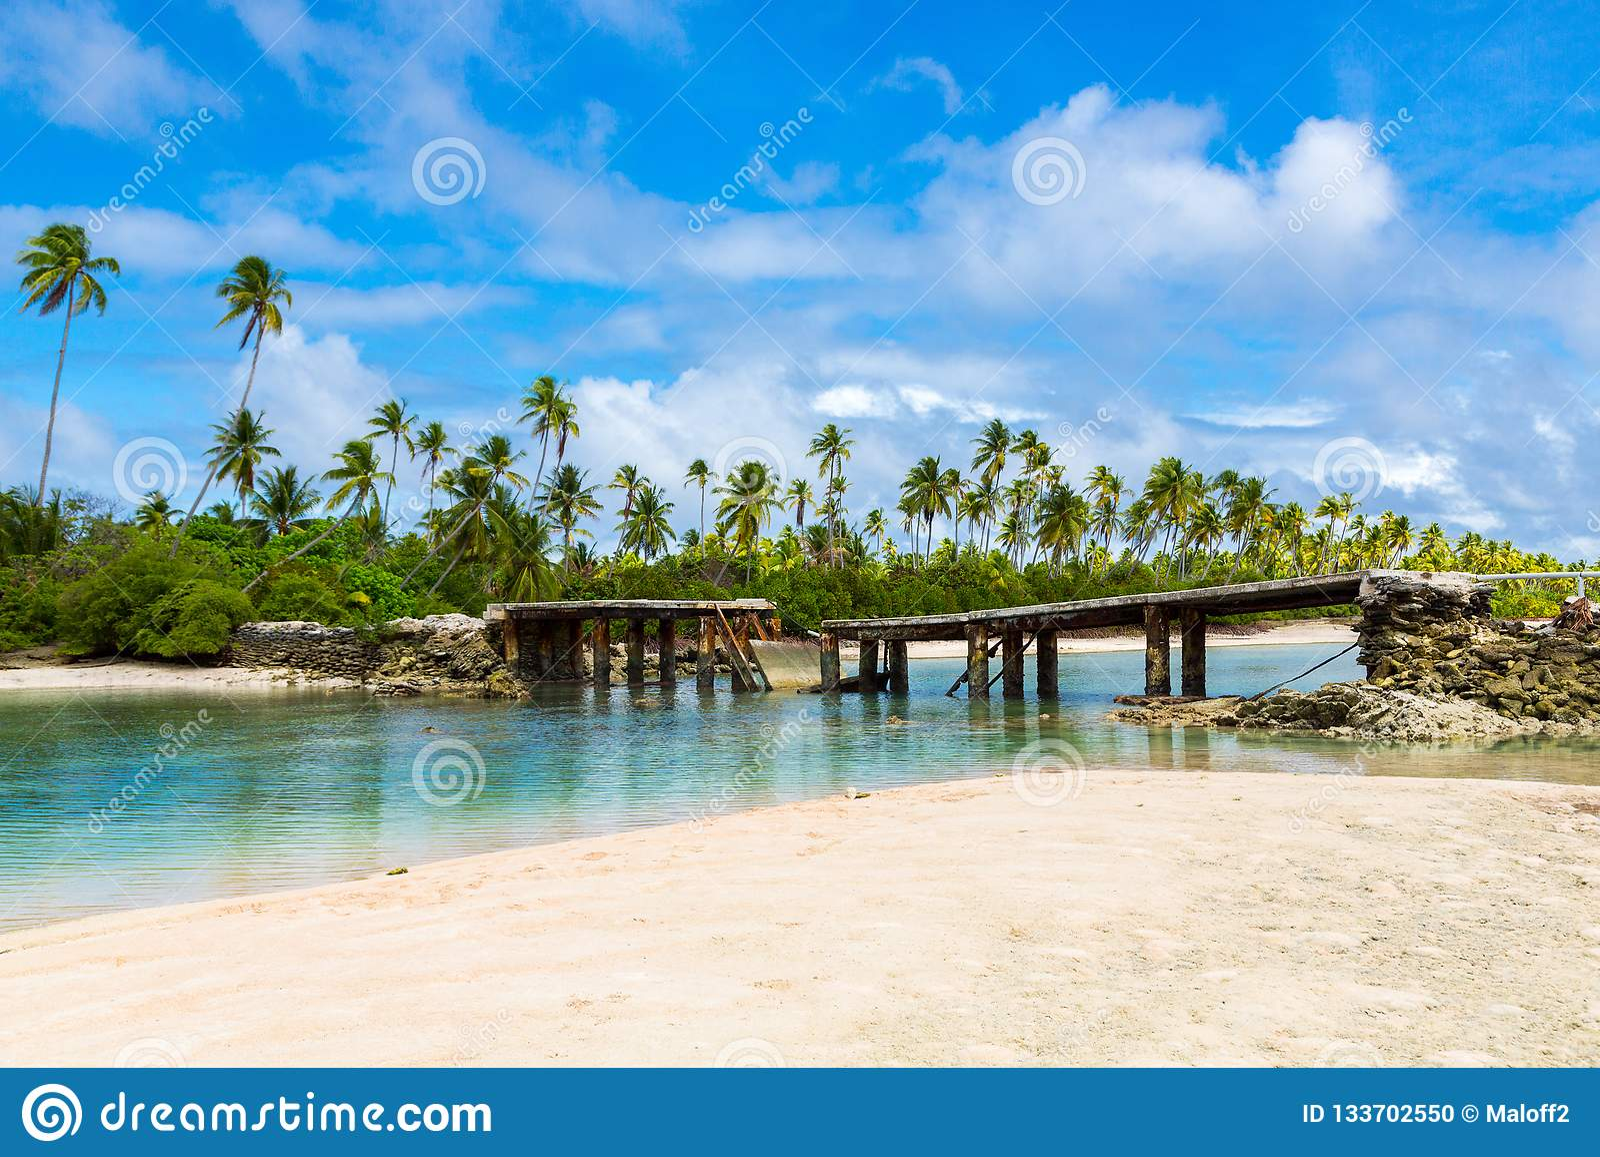 Puente roto debajo de las palmeras entre los islotes sobre la laguna, atolón de Tarawa del norte, Kiribati, Micronesia, islas de